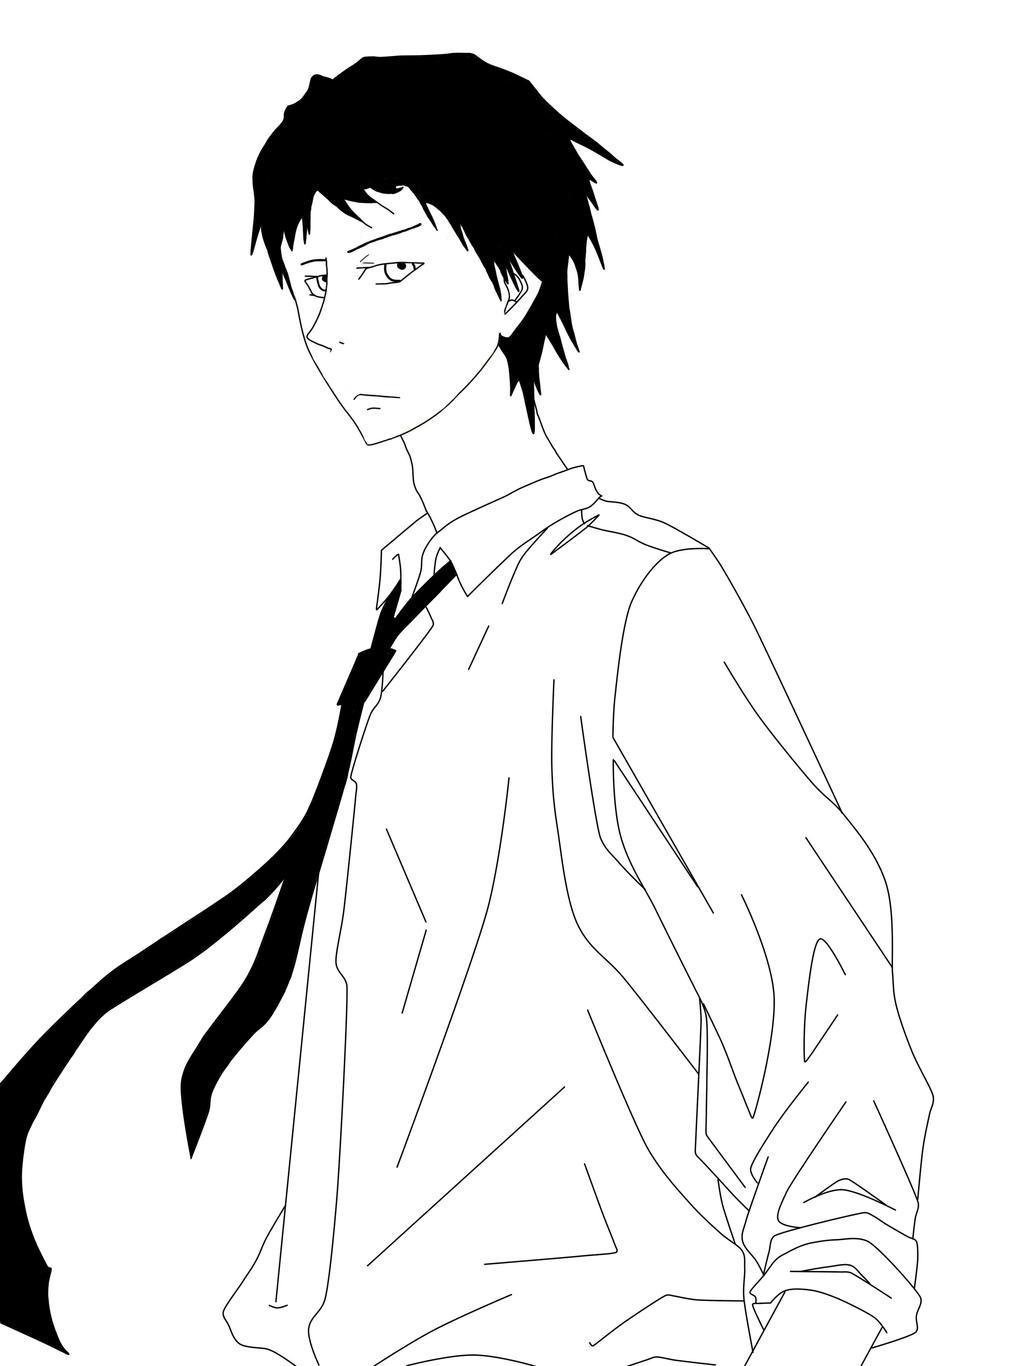 Line Art Kuroko : Kuroko no basket nijimura shuzo line art by saiduck on